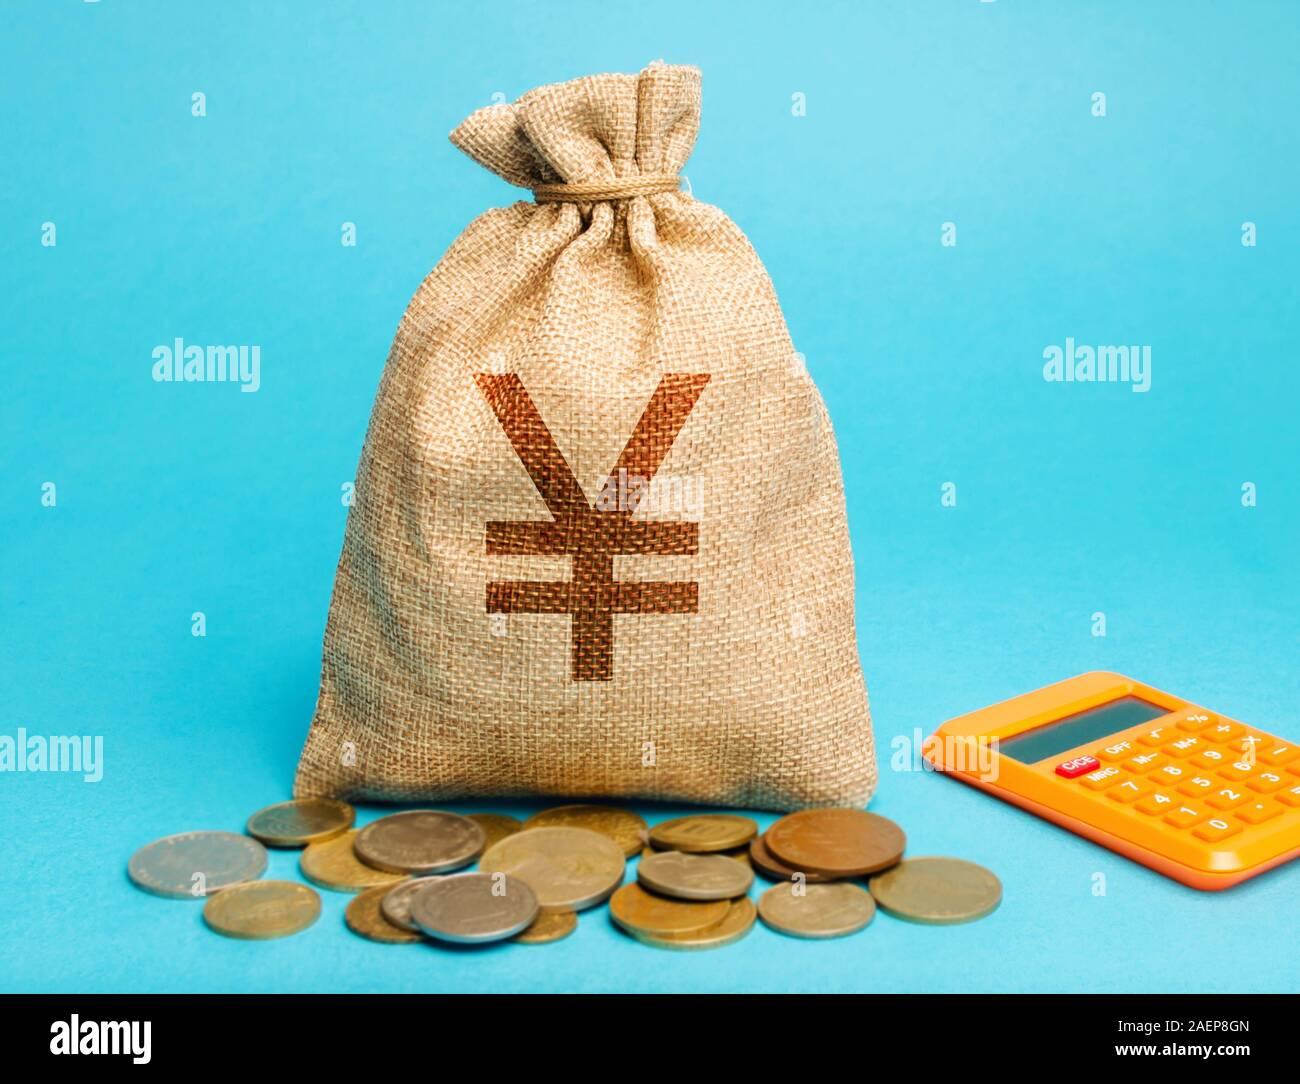 Bolsa de dinero con monedas y una calculadora. Concepto de ganancias y finanzas. Presupuesto, salario, ingresos. Distribución de dinero y ahorros. Yen, yuan Foto de stock